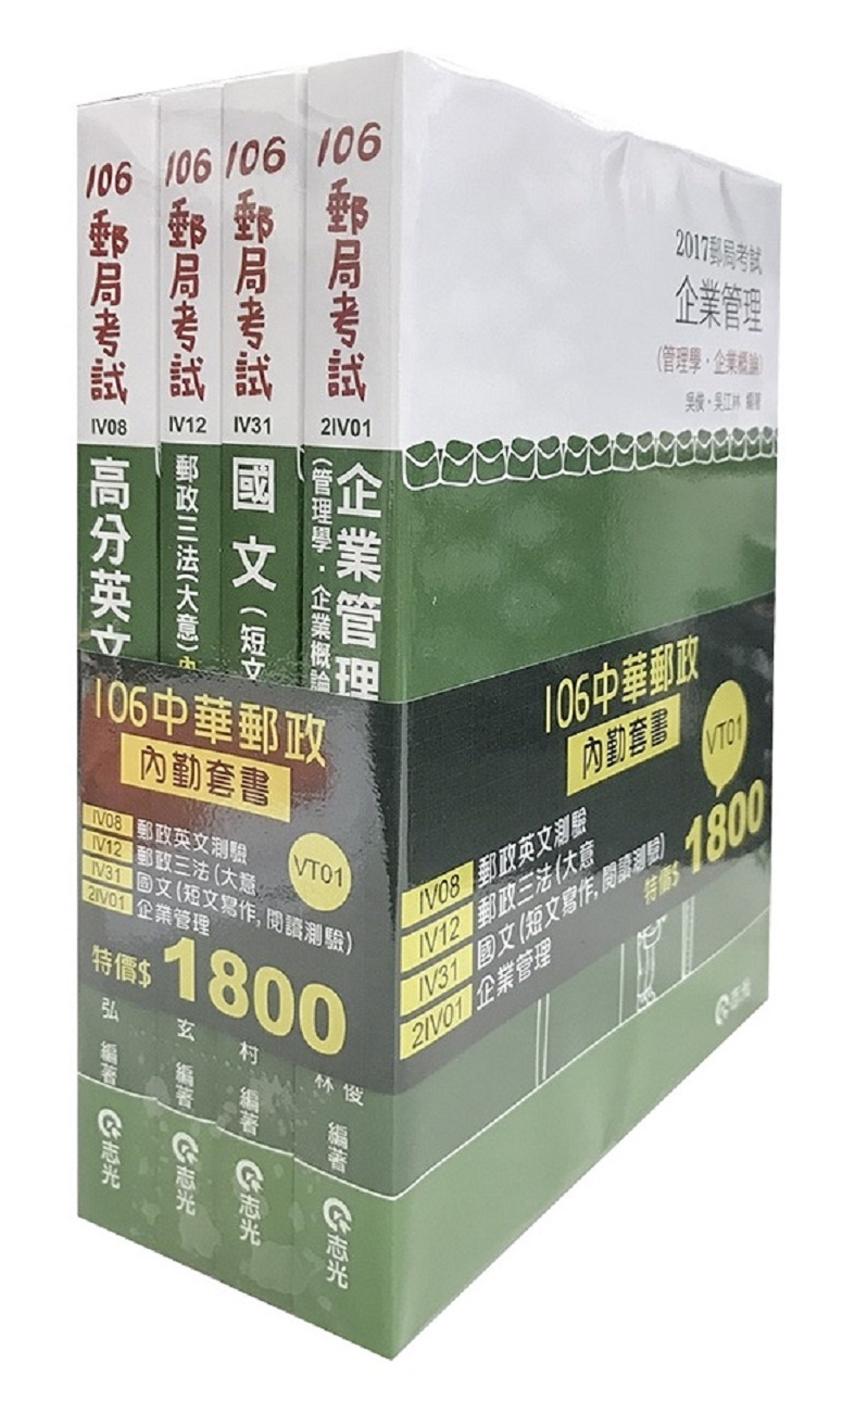 106中華郵政內勤套書(郵局考試內勤考試專用)